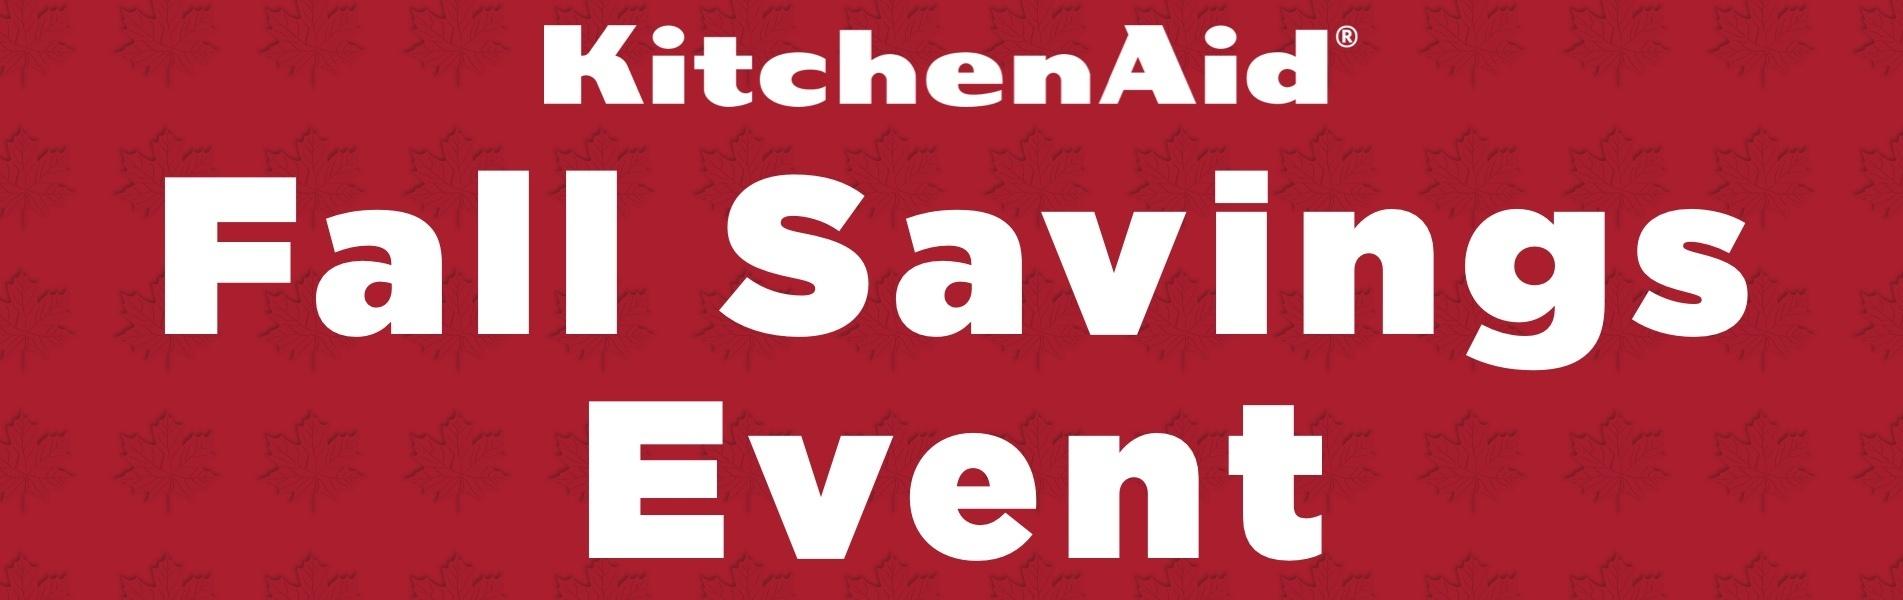 KitchenAid Fall Savings 2021 V2